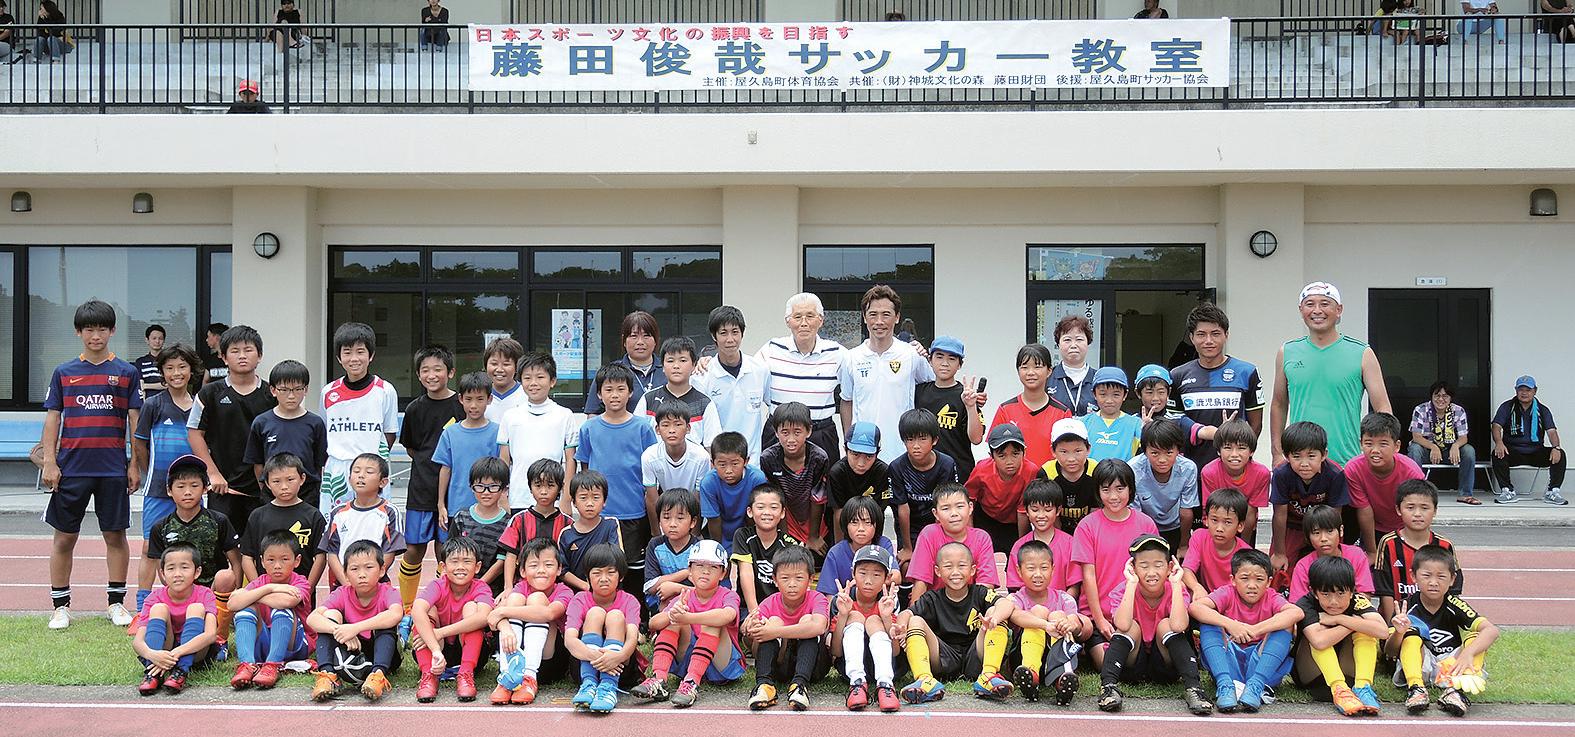 藤田財団サッカー教室